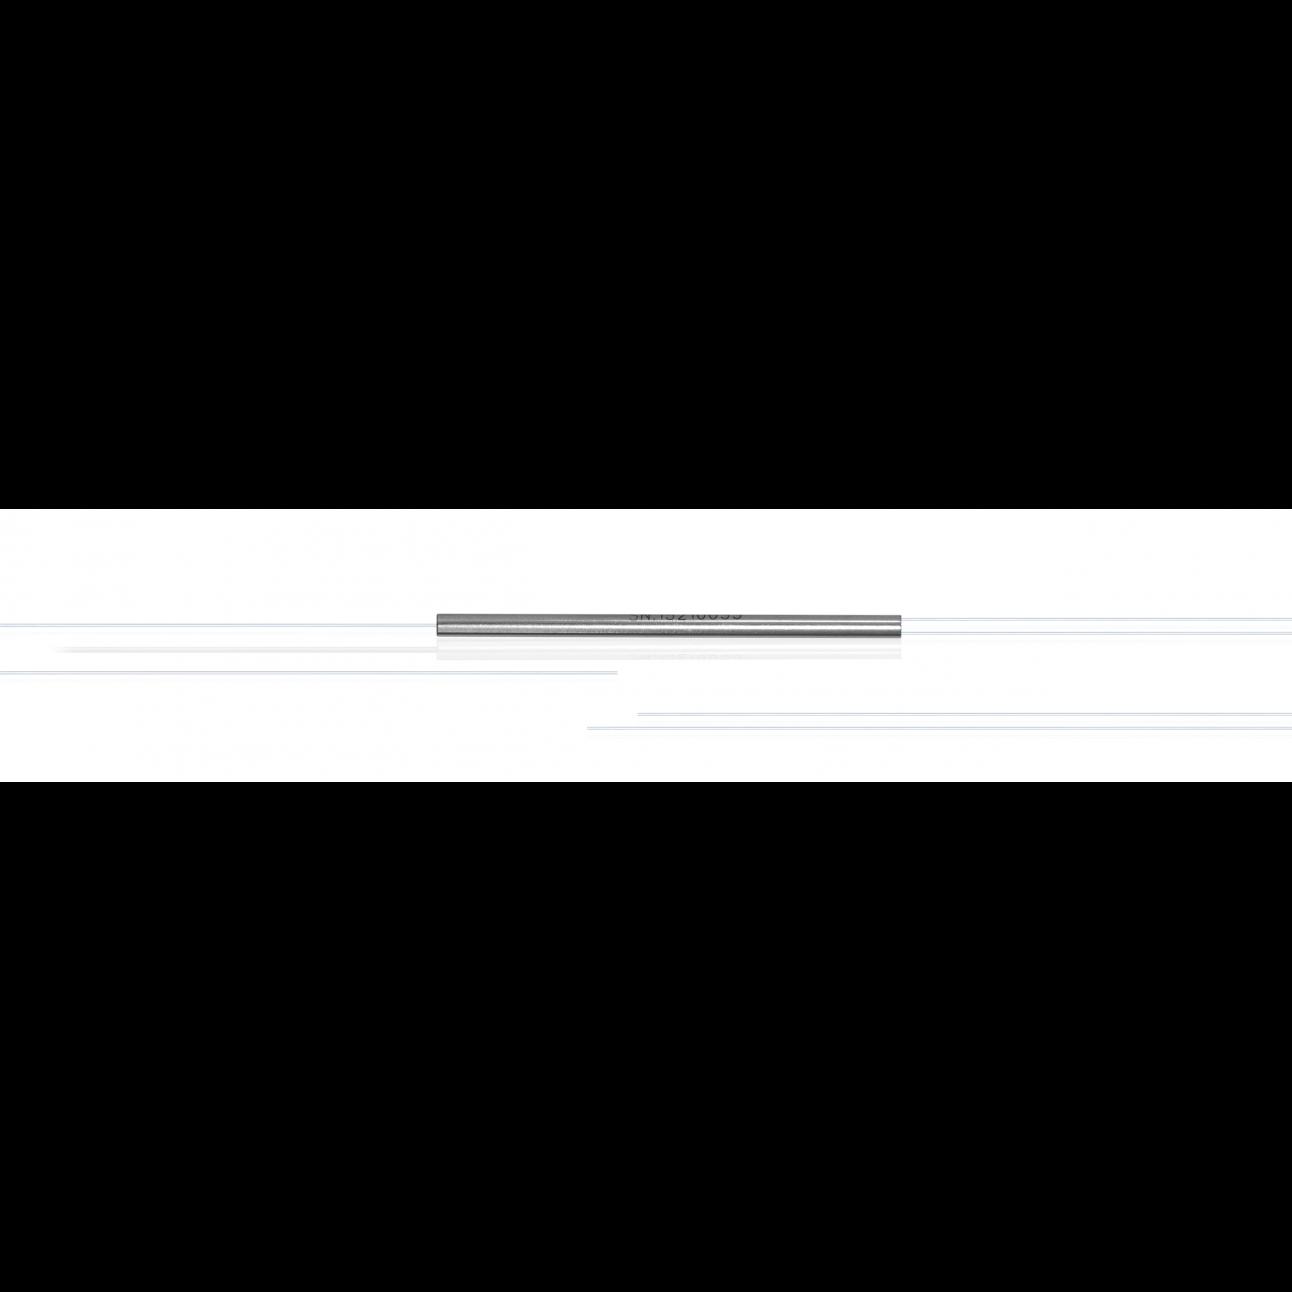 Делитель оптический бескорпусный буфер 225нм 1х2, 25/75, B-Optics (комплект из 2 шт.)